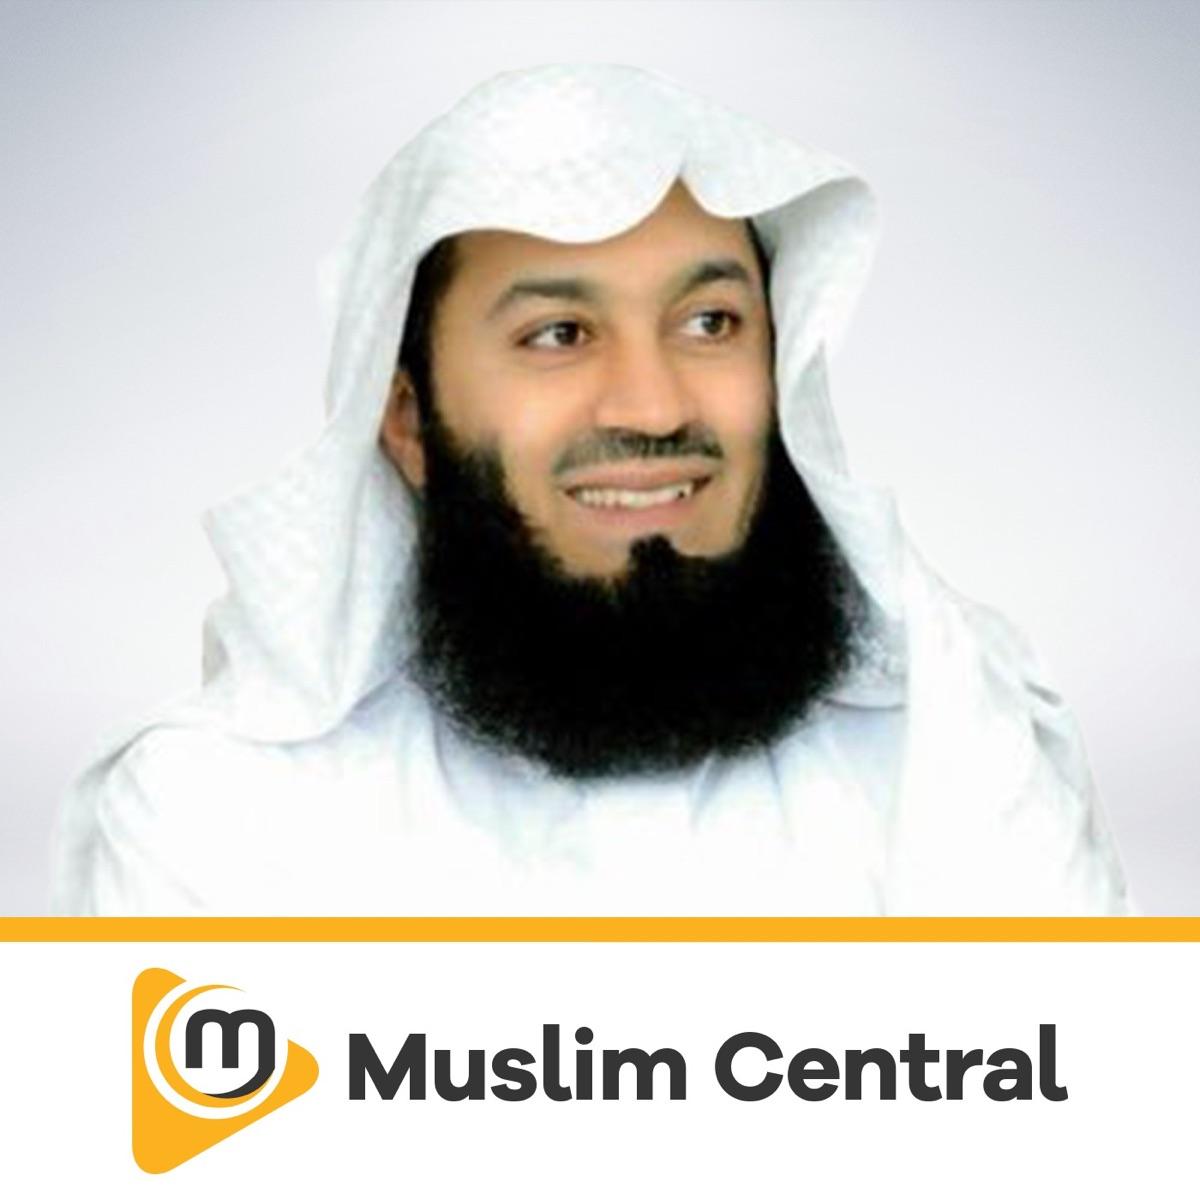 Mufti Menk